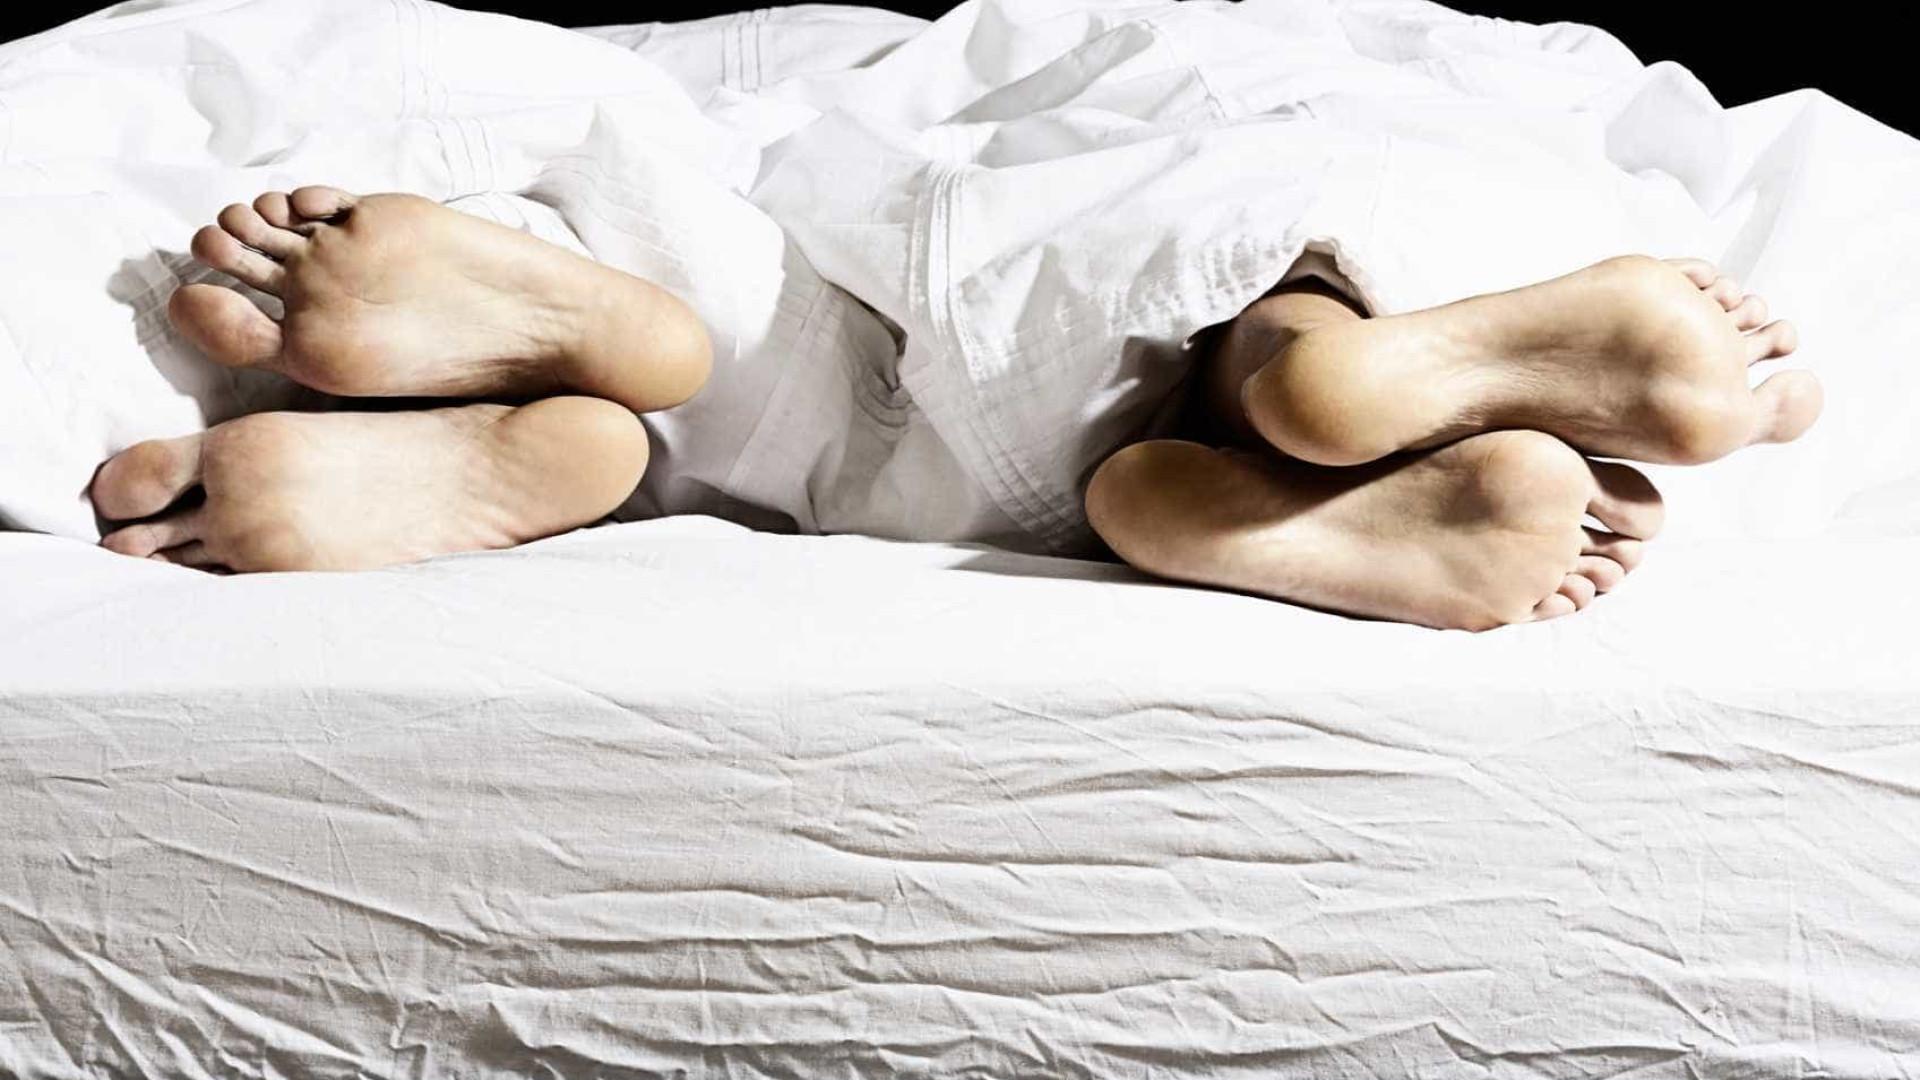 Covid-19: Este sintoma diminui a libido e vontade de ter relações